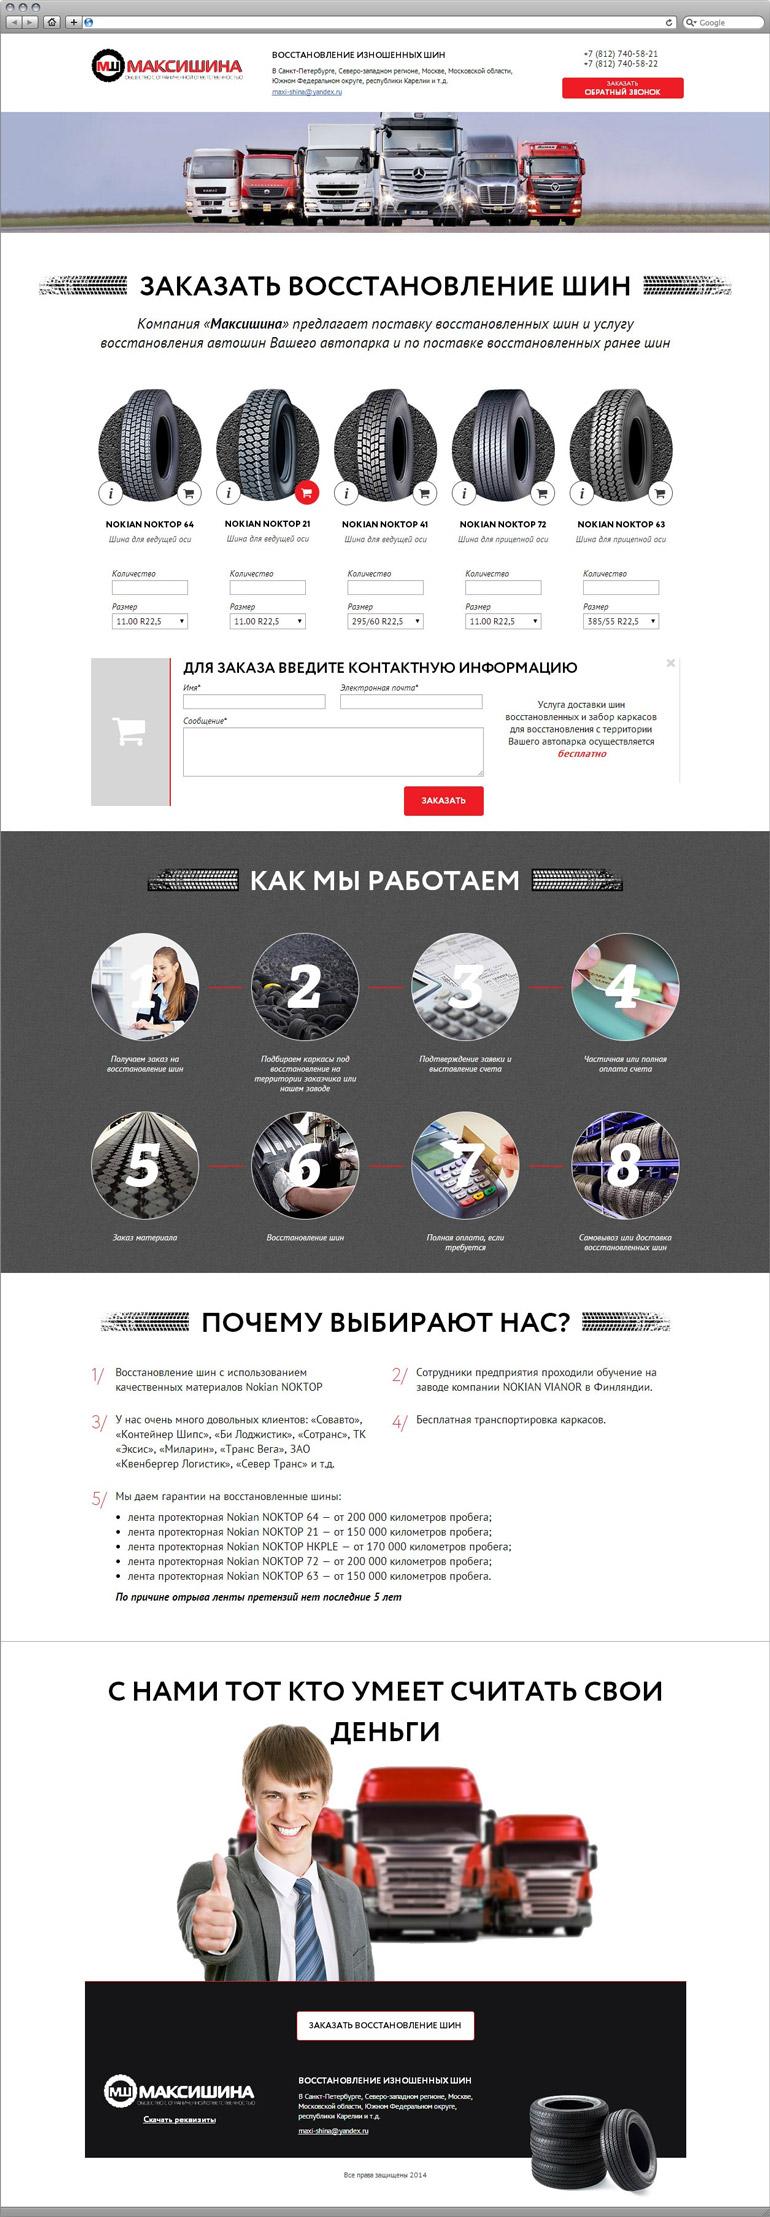 Дизайн сайта Максишина